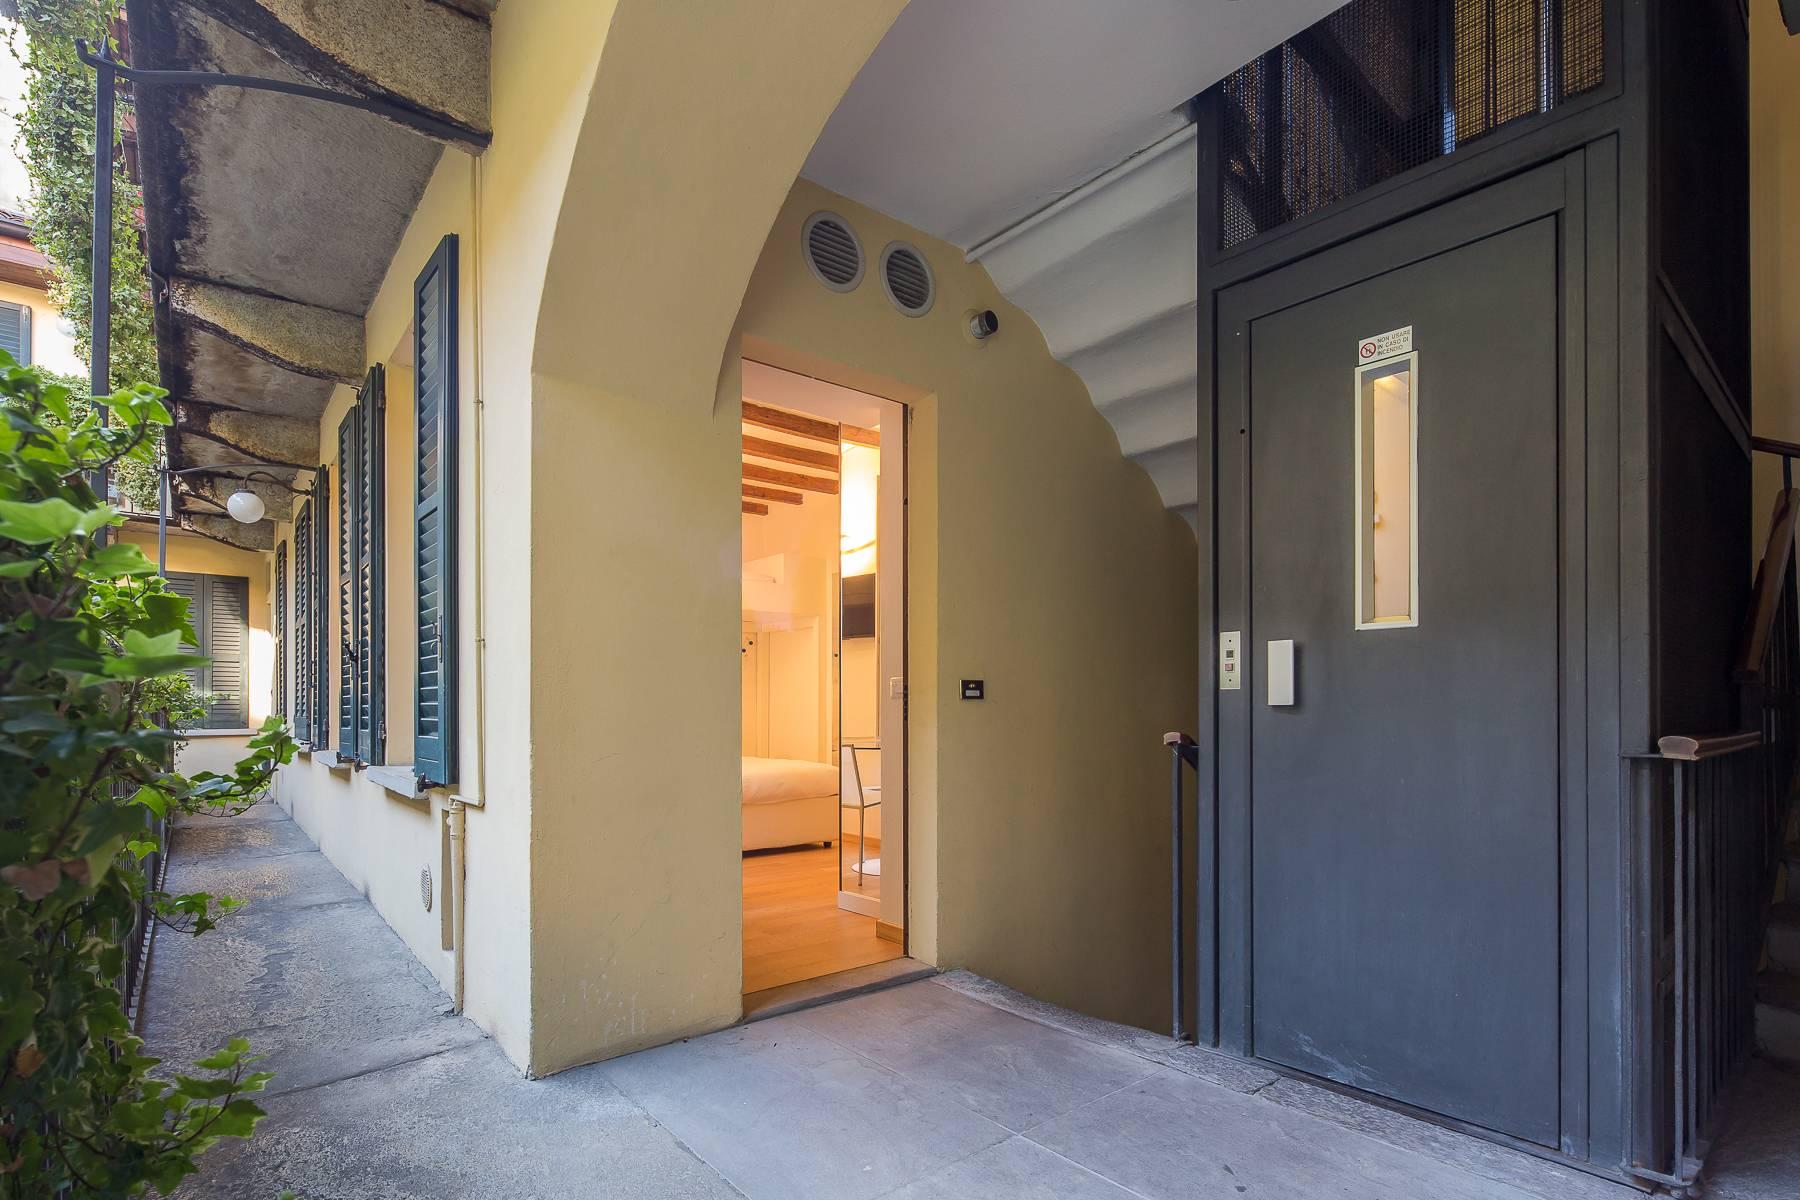 Appartamento in Affitto a Milano: 1 locali, 30 mq - Foto 11